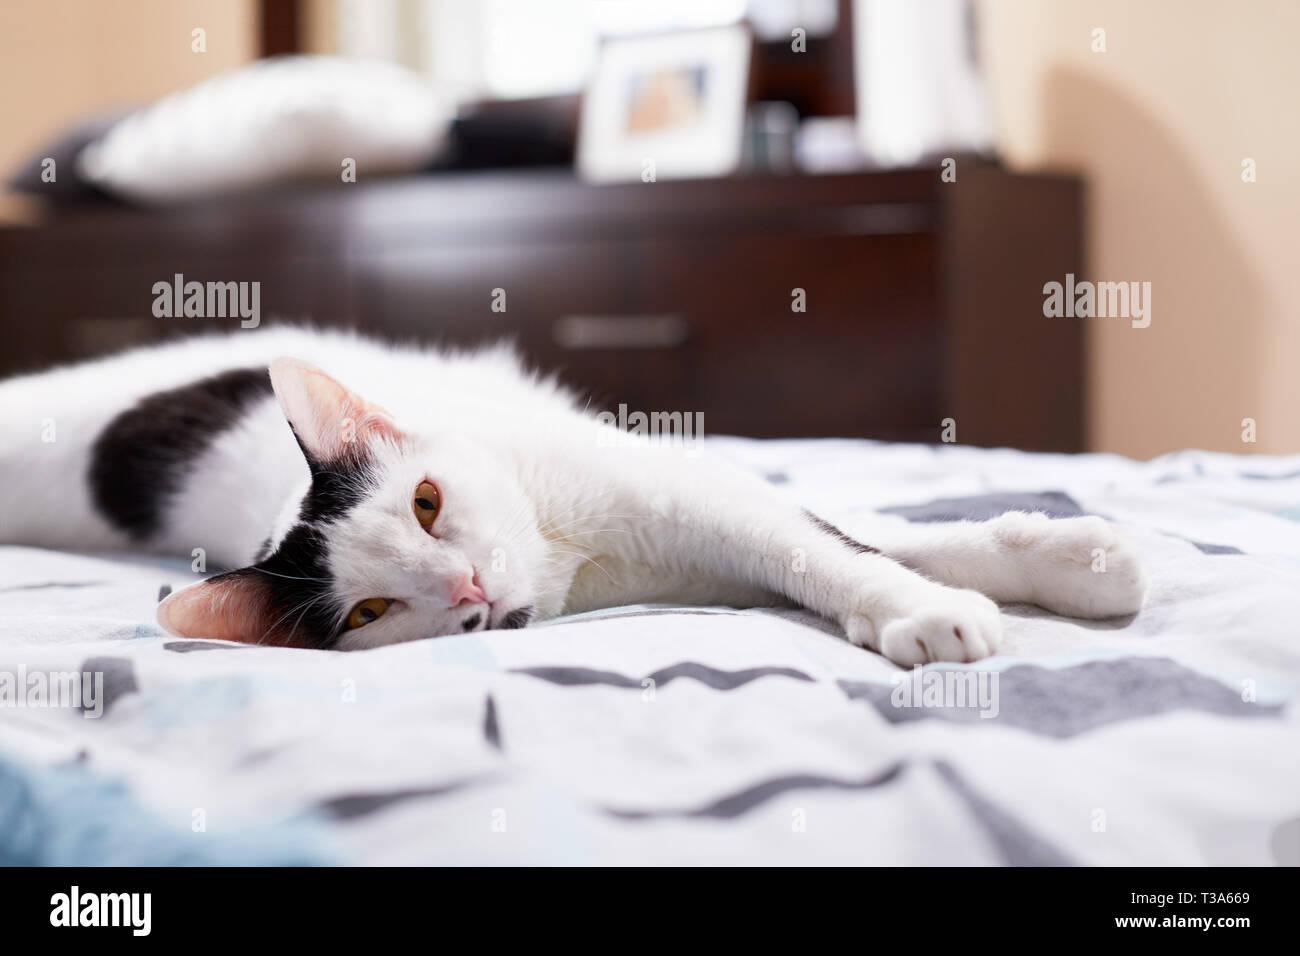 Eine weiße Katze mit schwarzen Markierungen und gelbe Augen ist entspannend auf einem Bett mit seinen Pfoten vorwärts Stockfoto